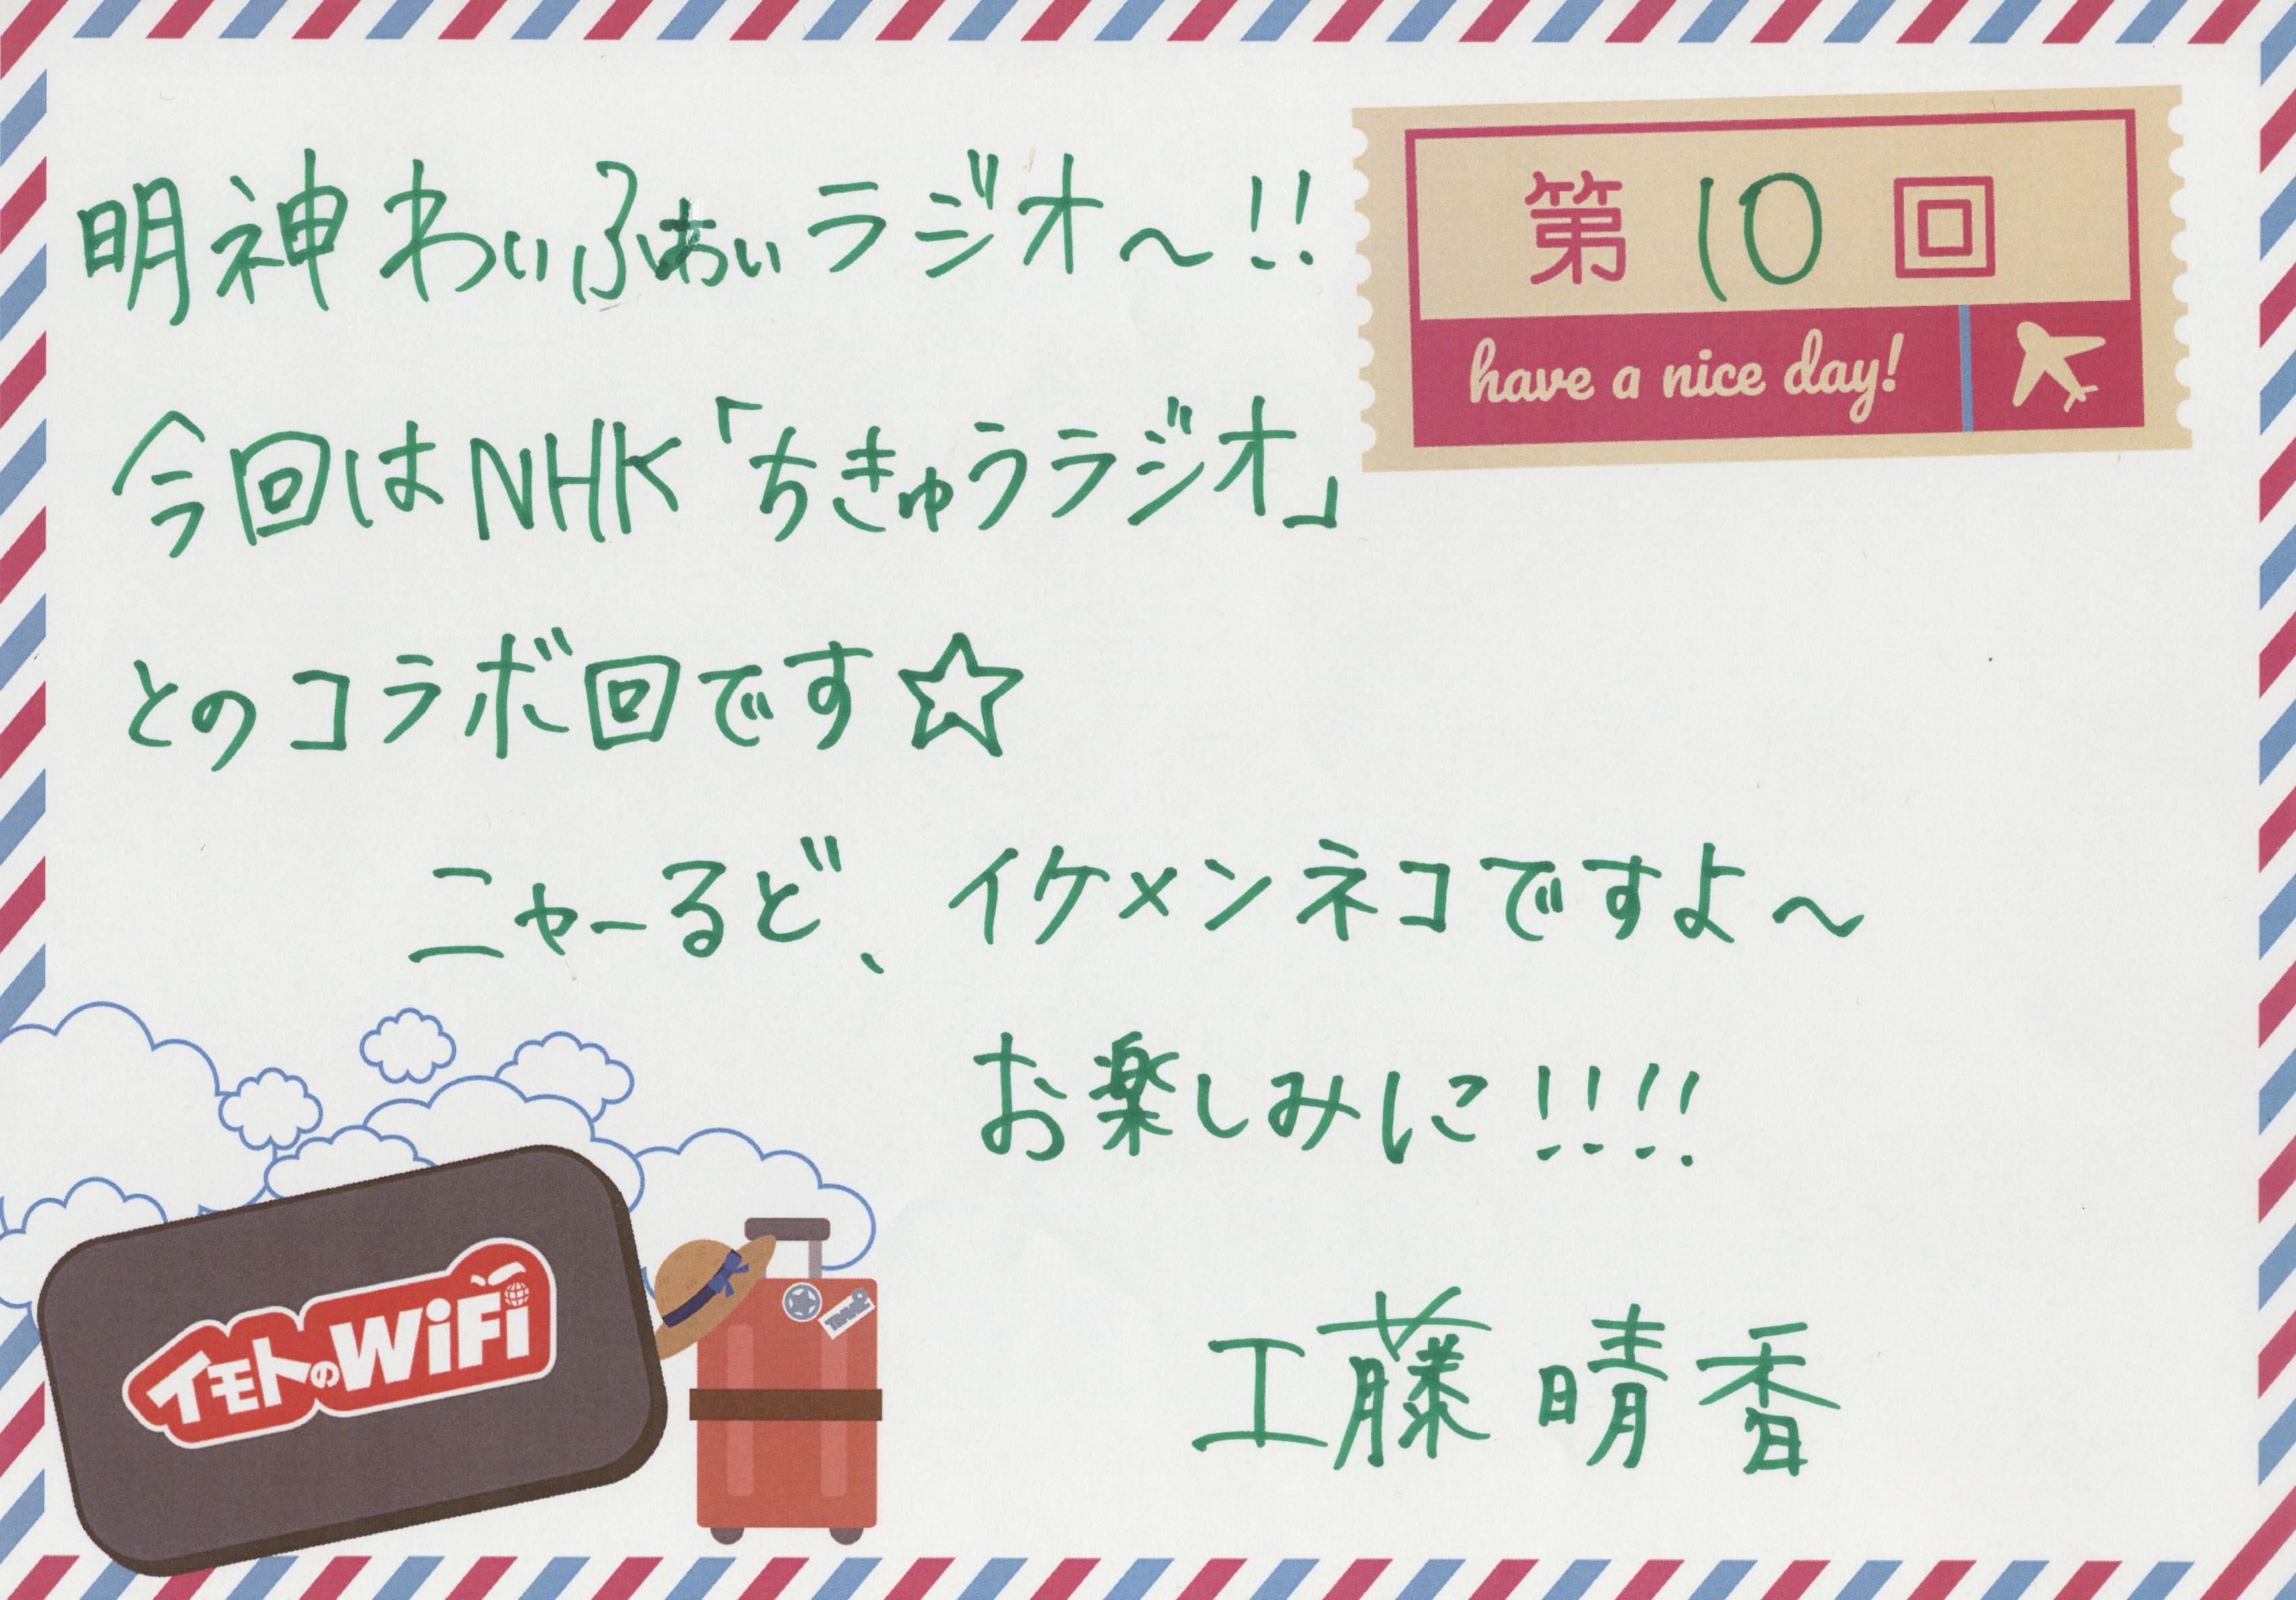 wifi10k